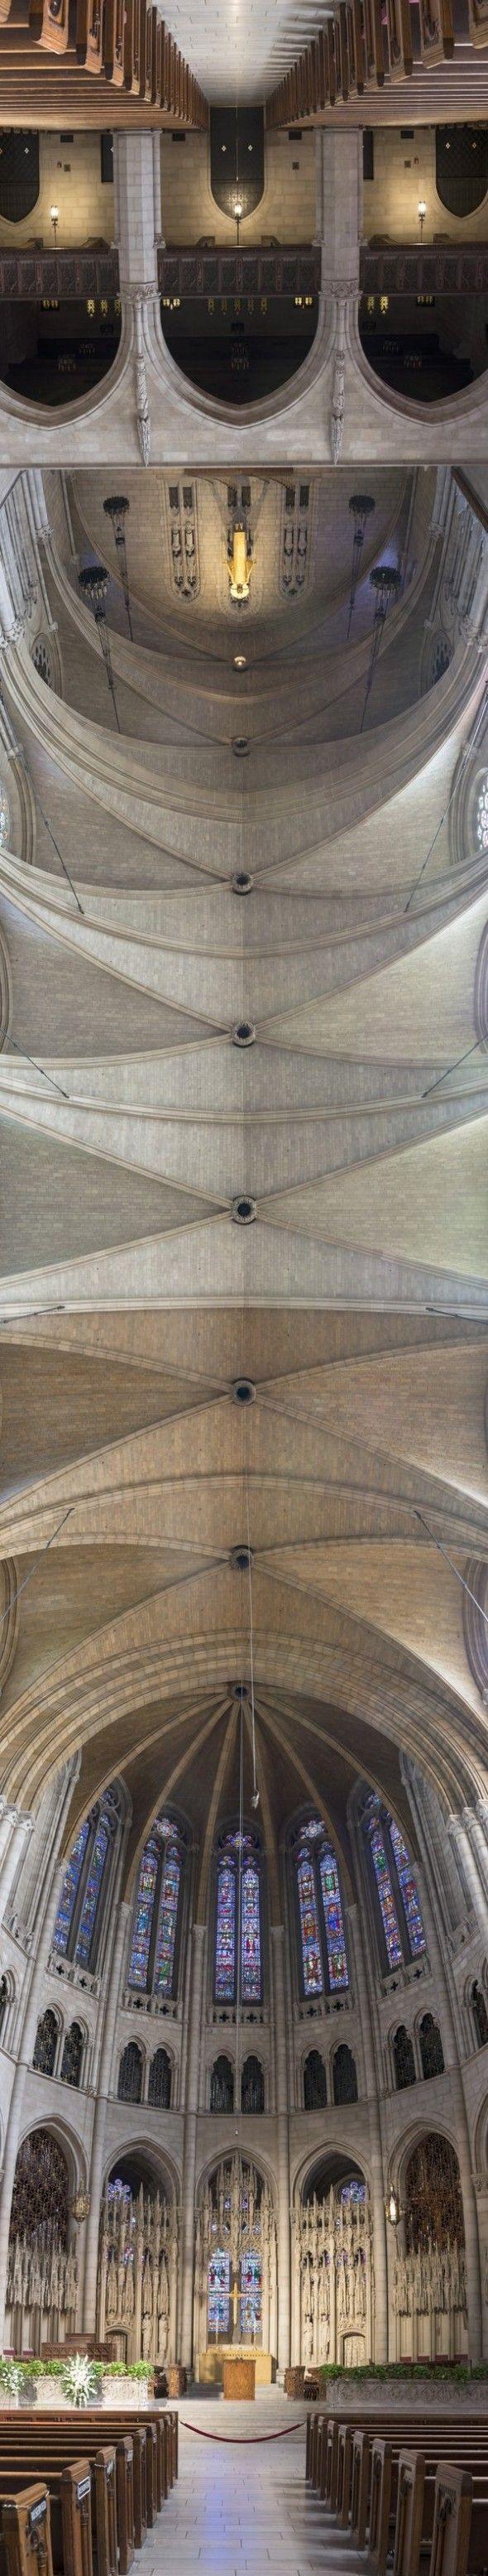 NY Churches - Richard Silver